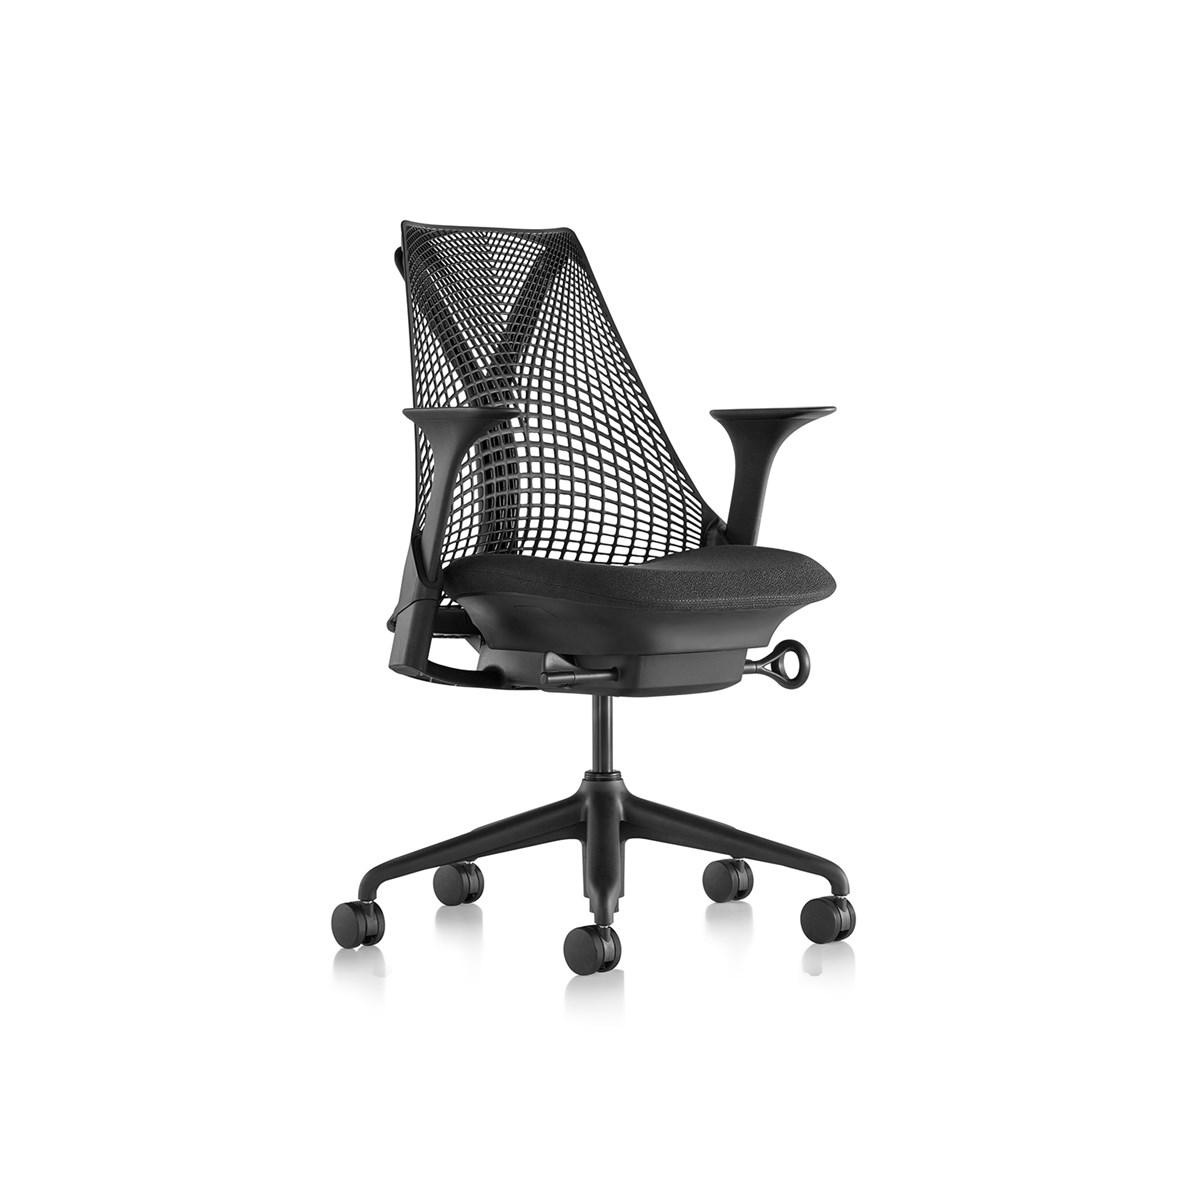 Herman-Miller-Yves-Béhar-Sayl®-Office-Chair-Y-Tower/Black-Matisse-1